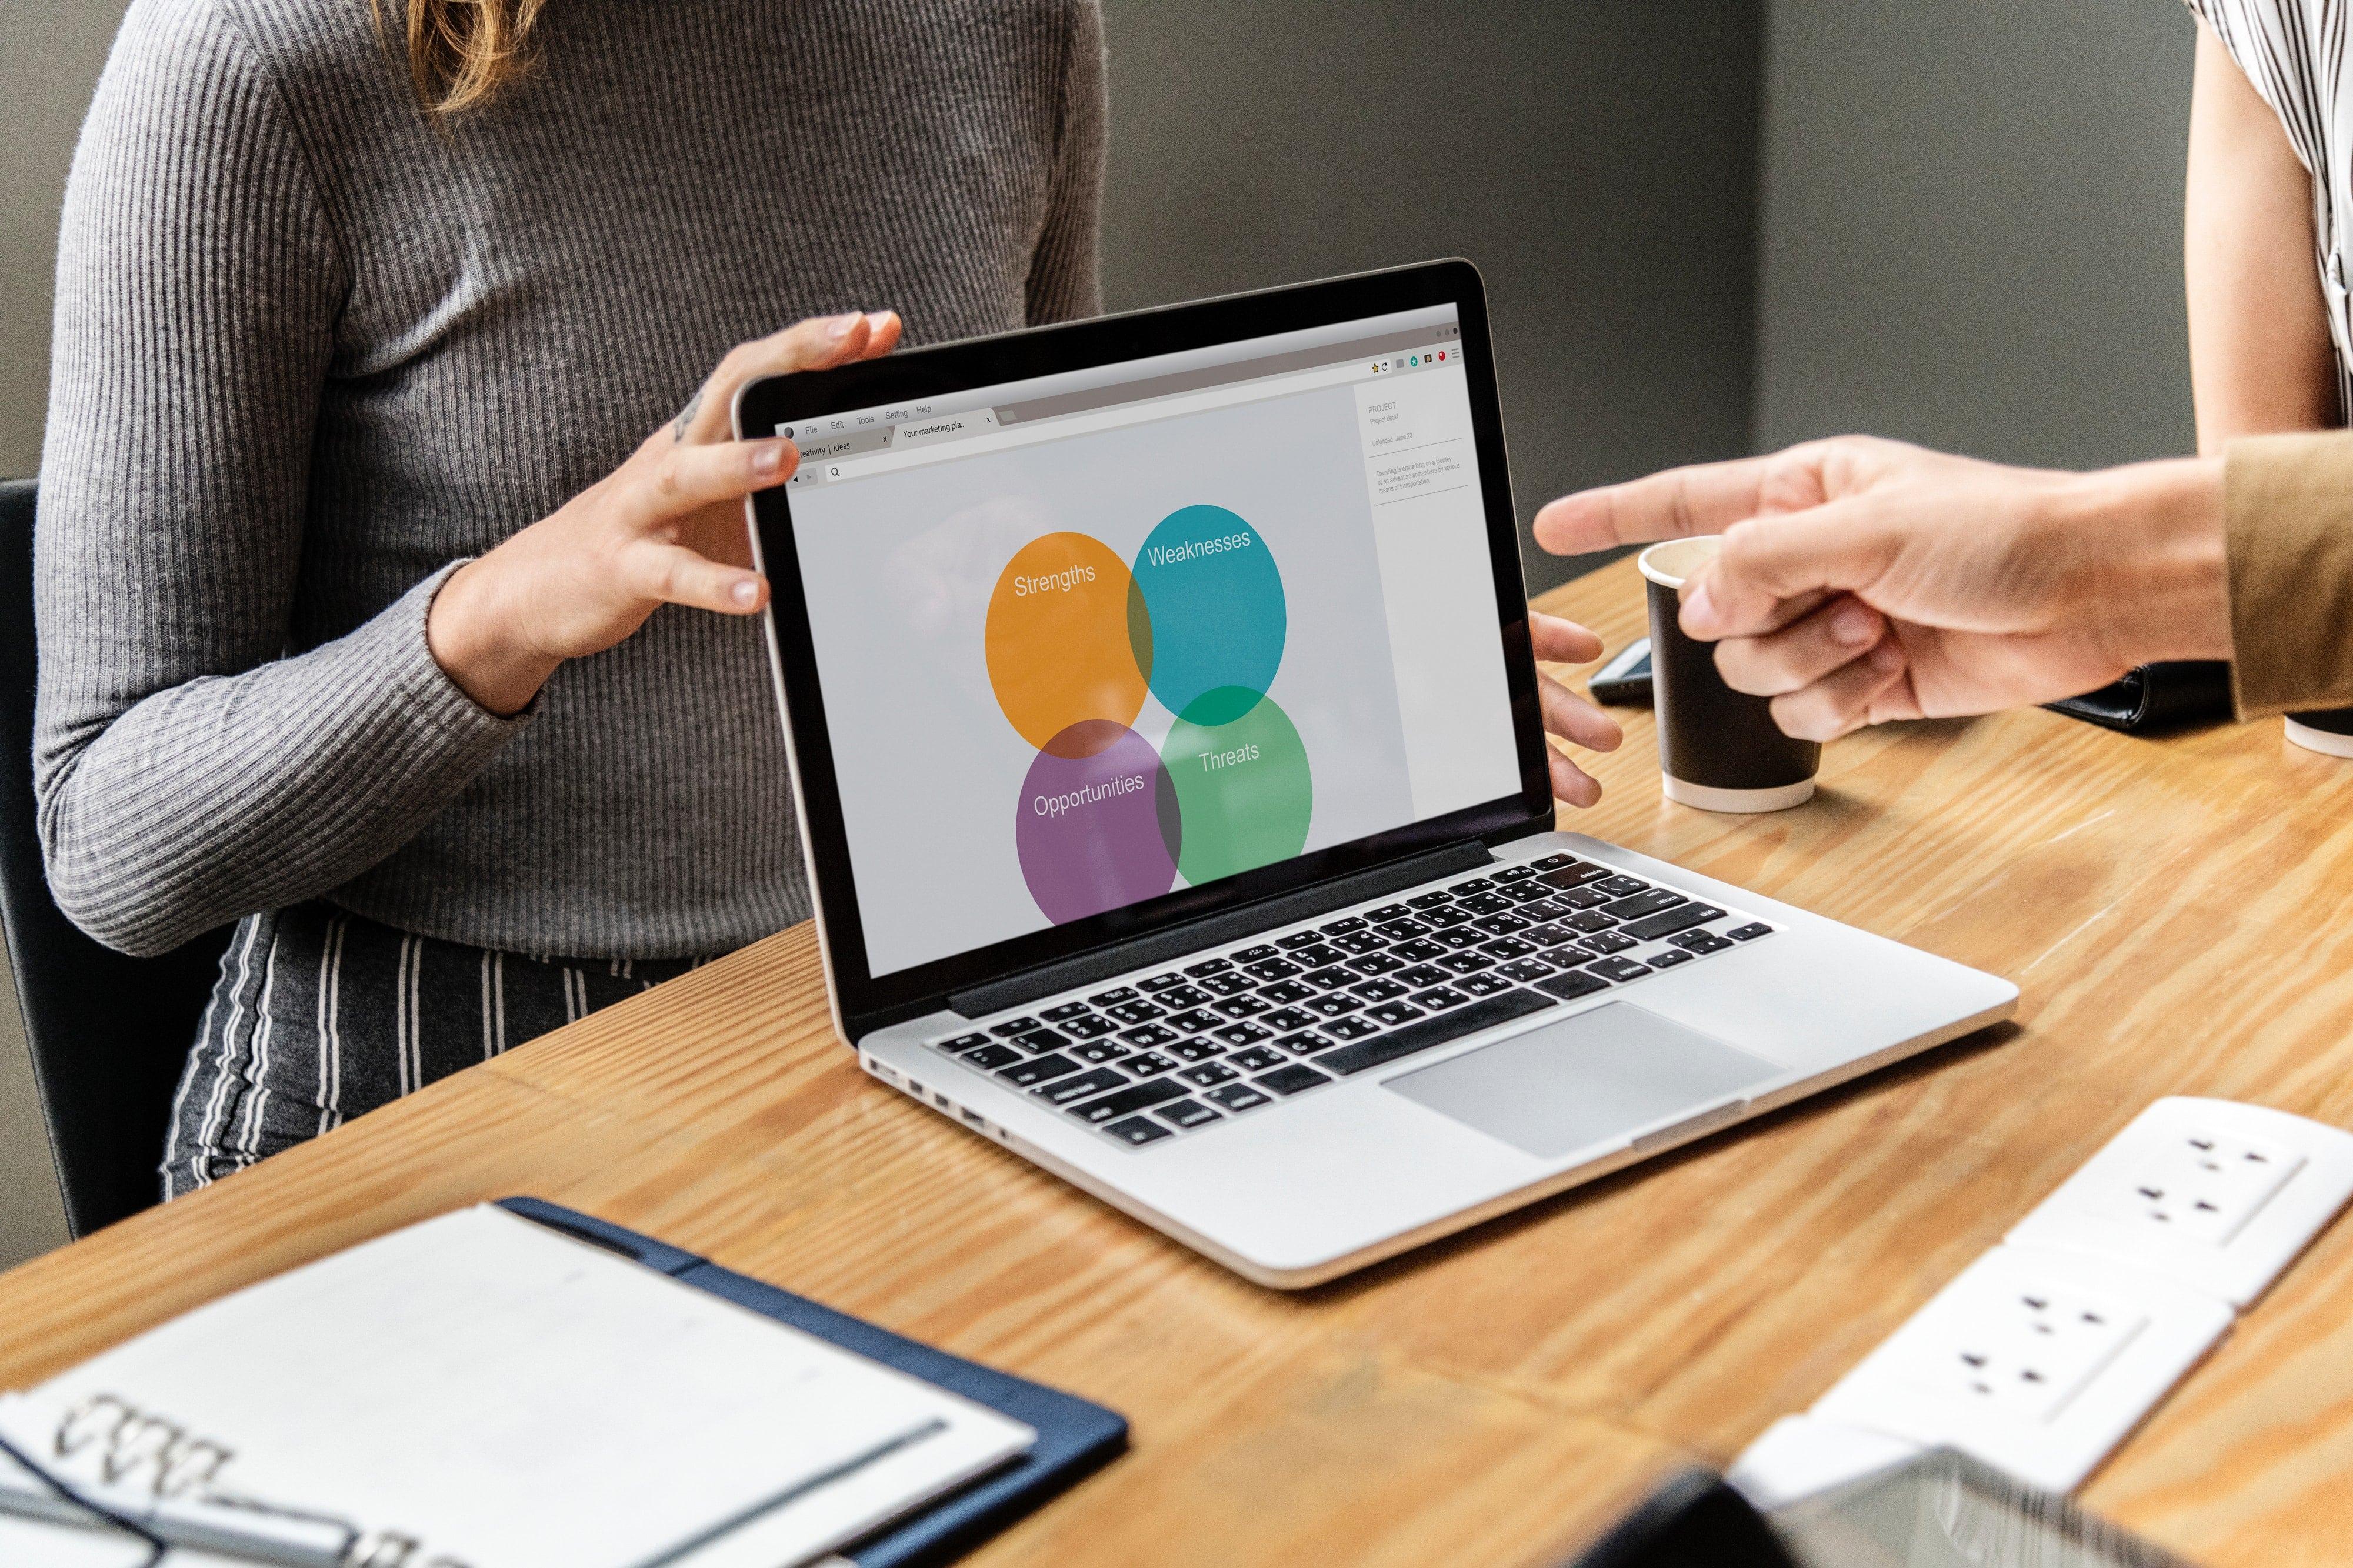 Formato de capacitación de personal en una empresa [Consultoría gratuita]